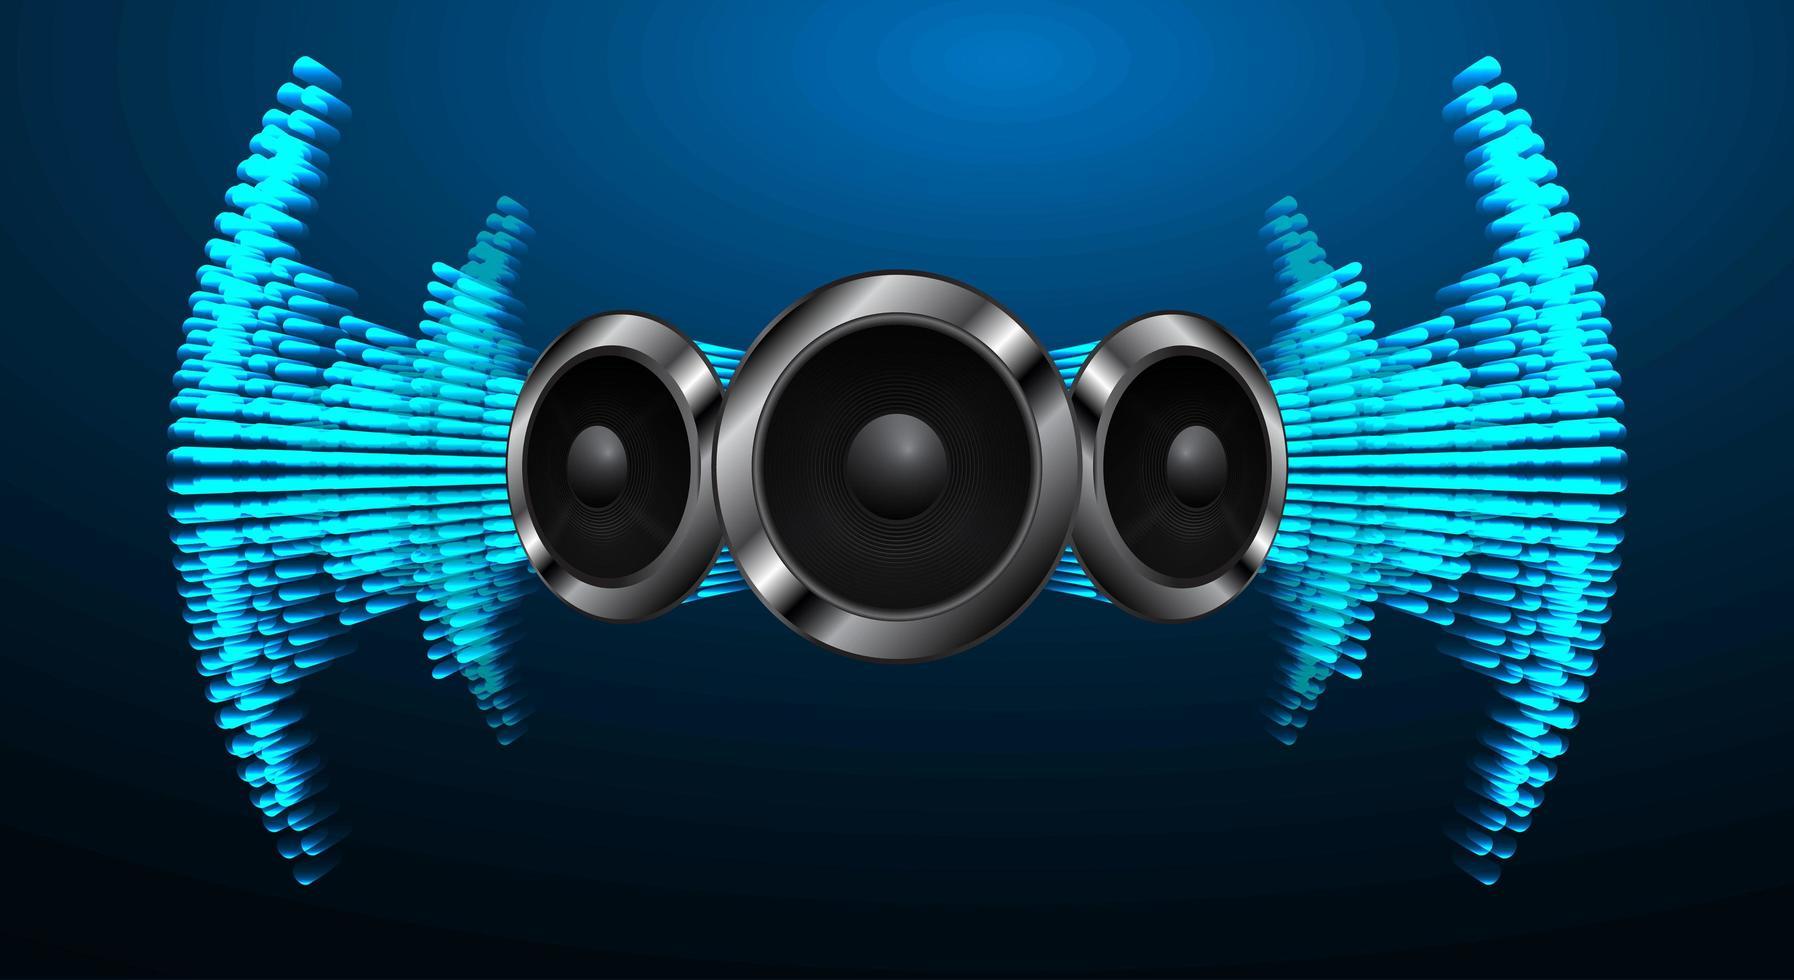 Schallwellen oszillieren blaues Licht vektor